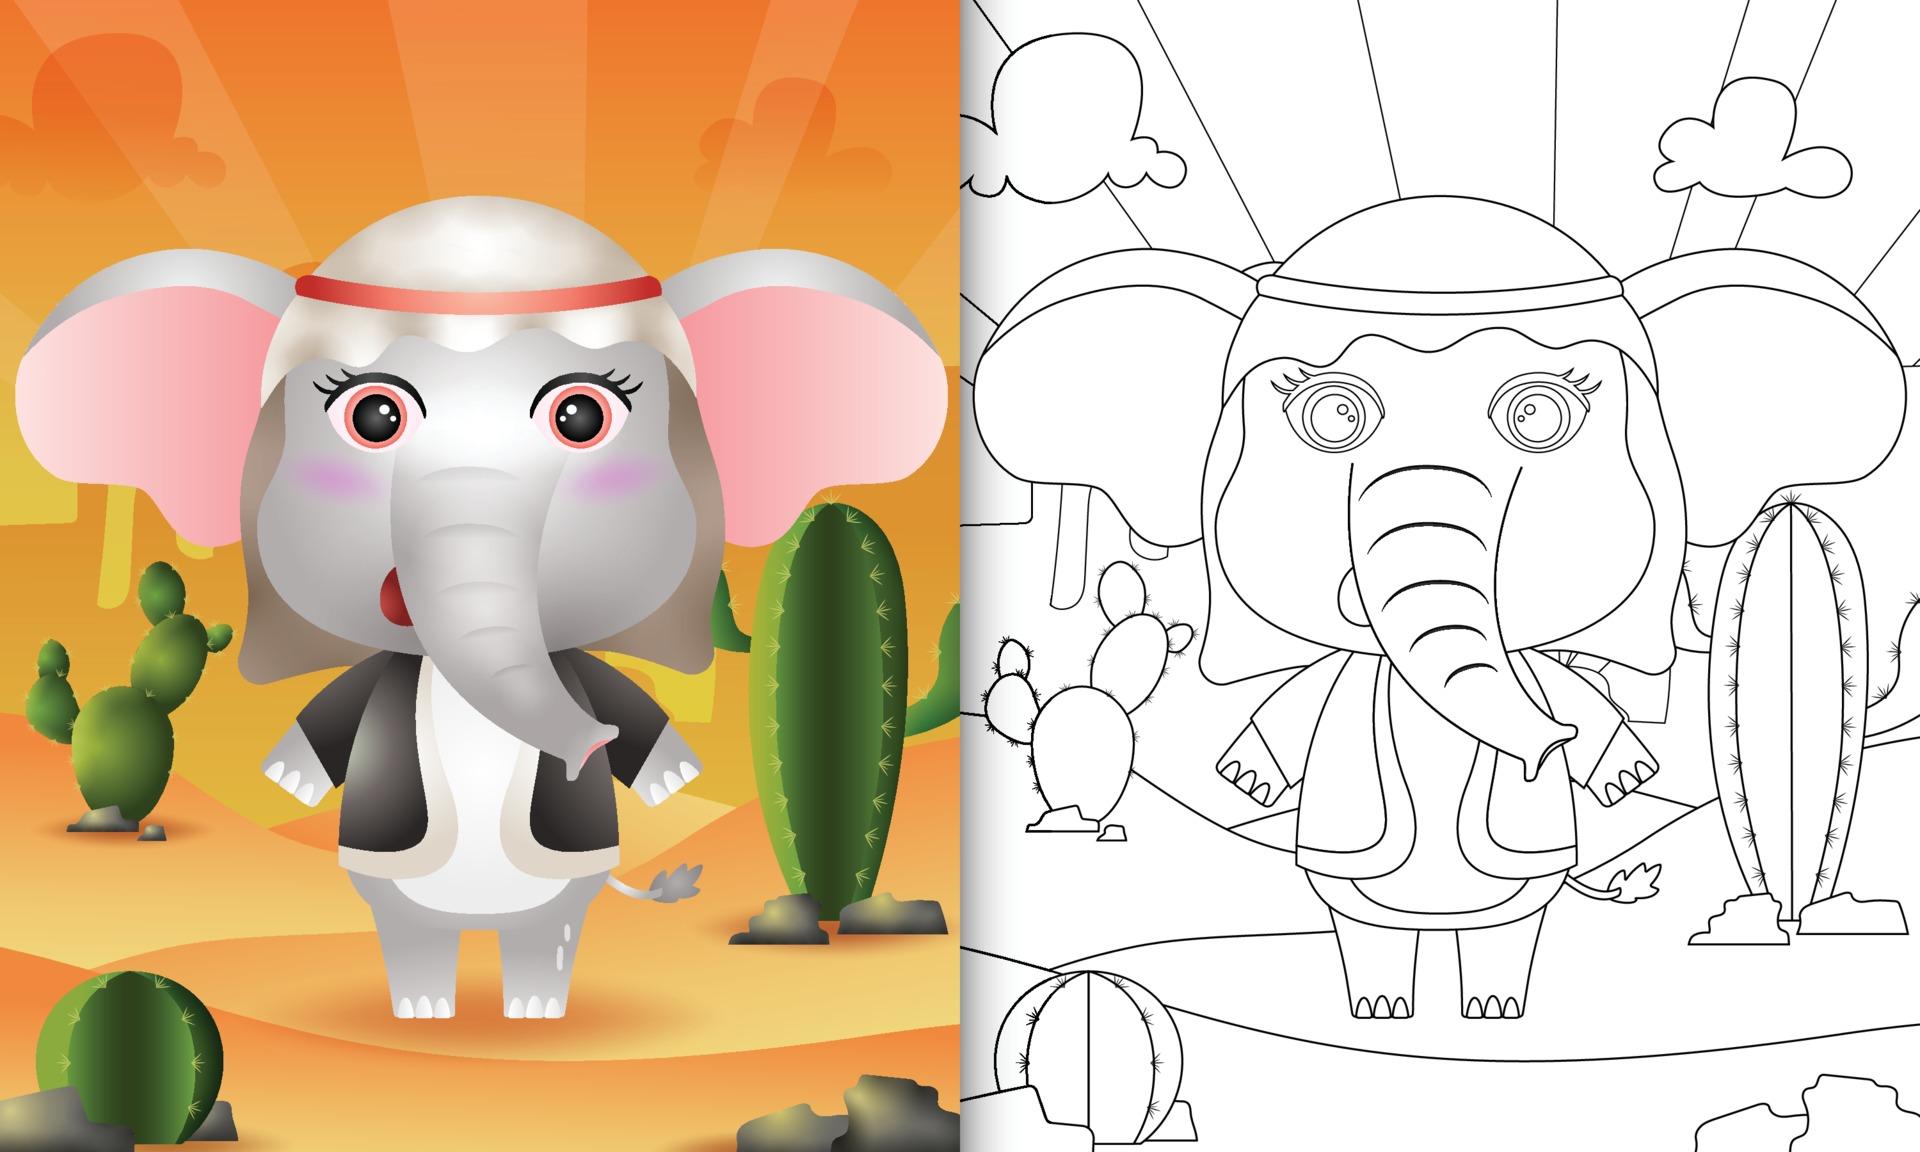 Libro Da Colorare Per Bambini A Tema Ramadan Con Un Simpatico Elefante In Costume Tradizionale Arabo 2117652 Scarica Immagini Vettoriali Gratis Grafica Vettoriale E Disegno Modelli